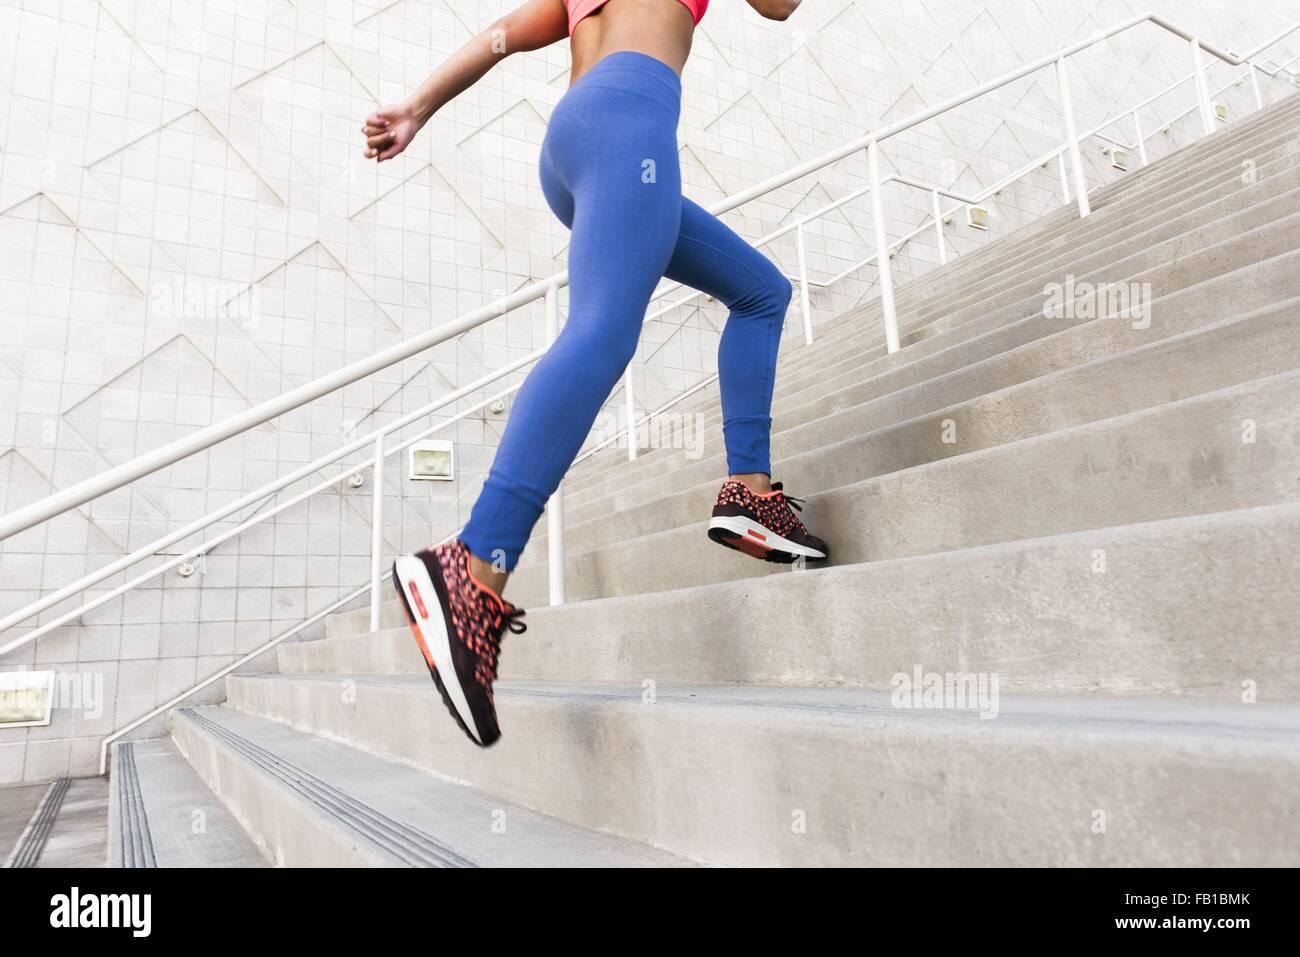 Niedrigen Winkel Rückansicht der jungen Frau, die mit Sport-Bekleidung Treppe hochlaufen Stockbild